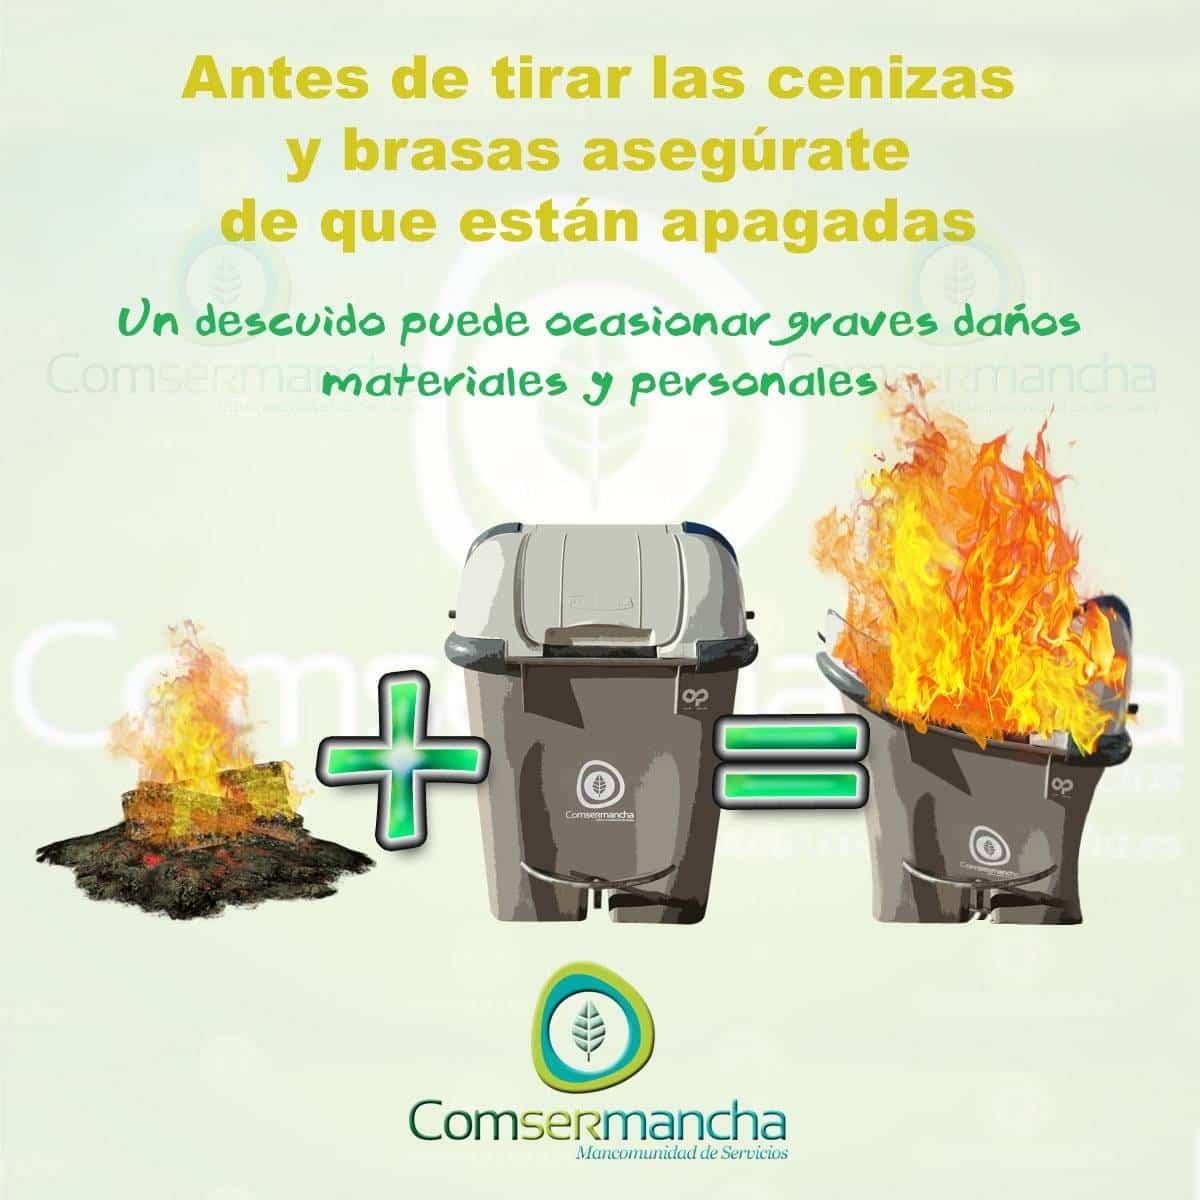 Cenizas y contenedor seguridad - Comsermancha recuerda el riesgo de tirar las cenizas y brasas en los contenedores